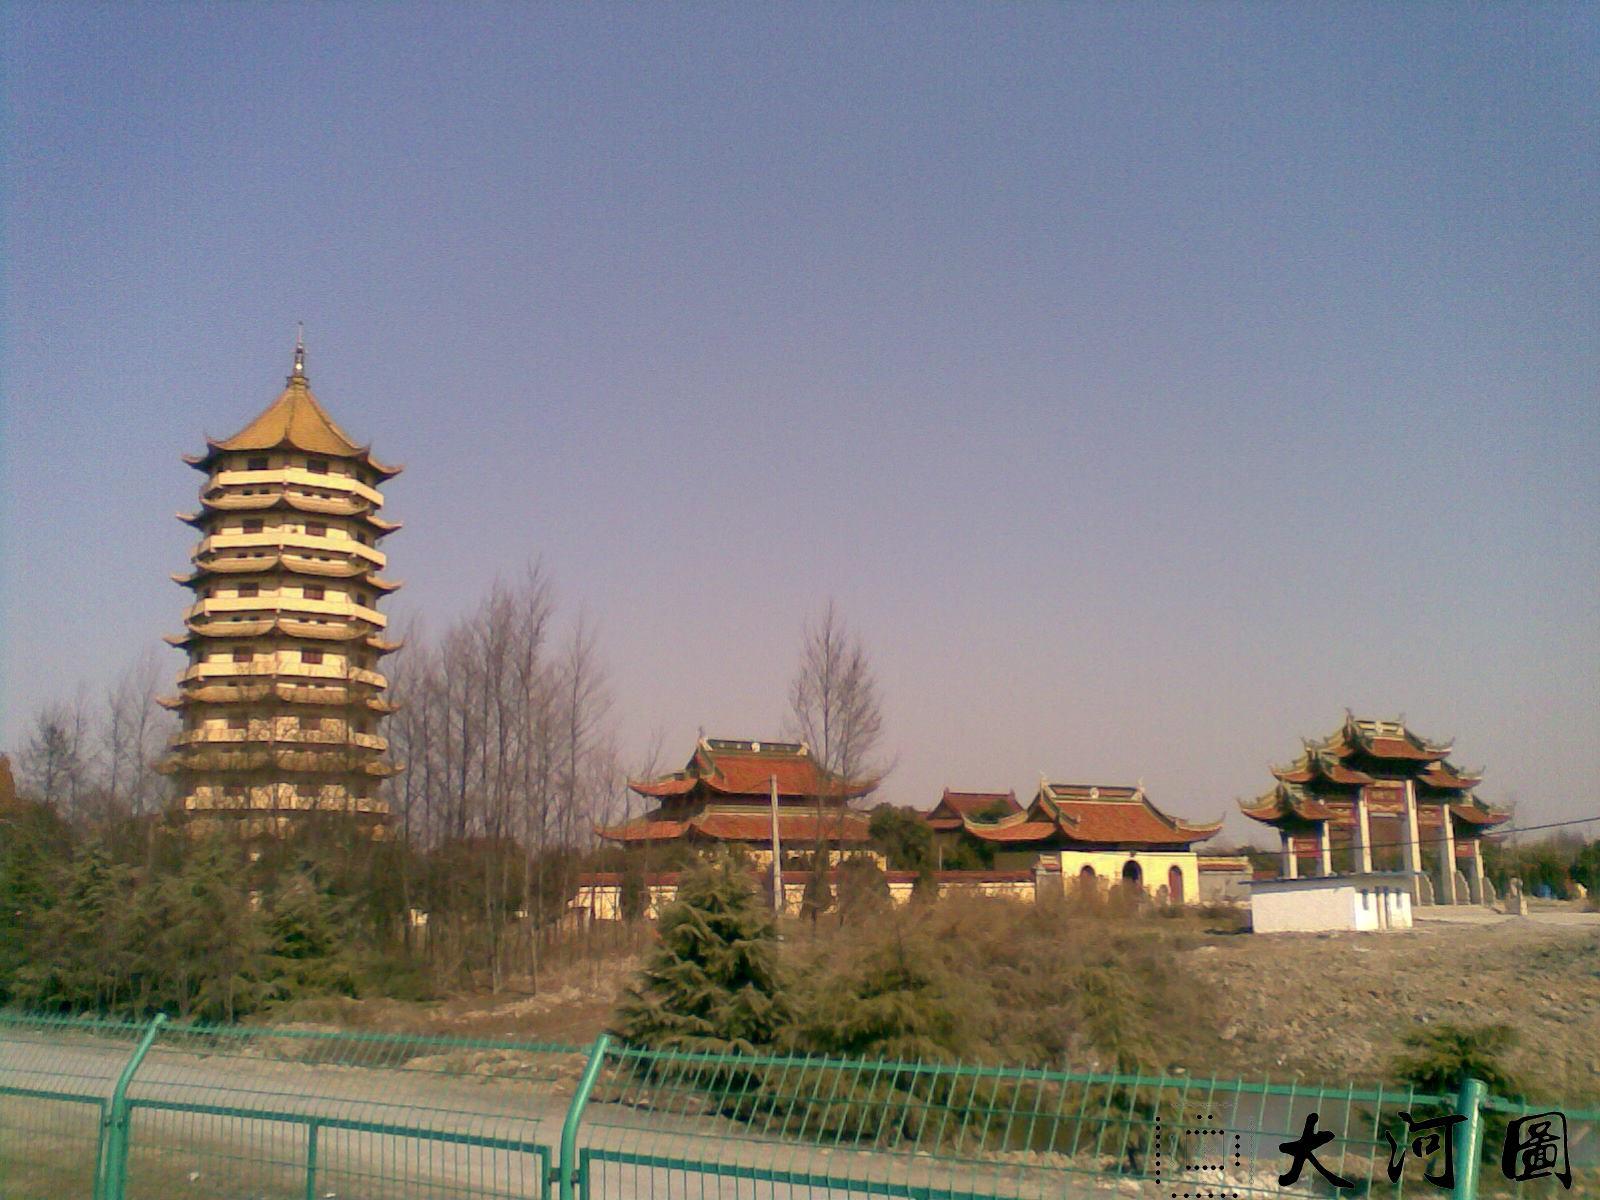 2009年的海天禅寺 沧桑萧索